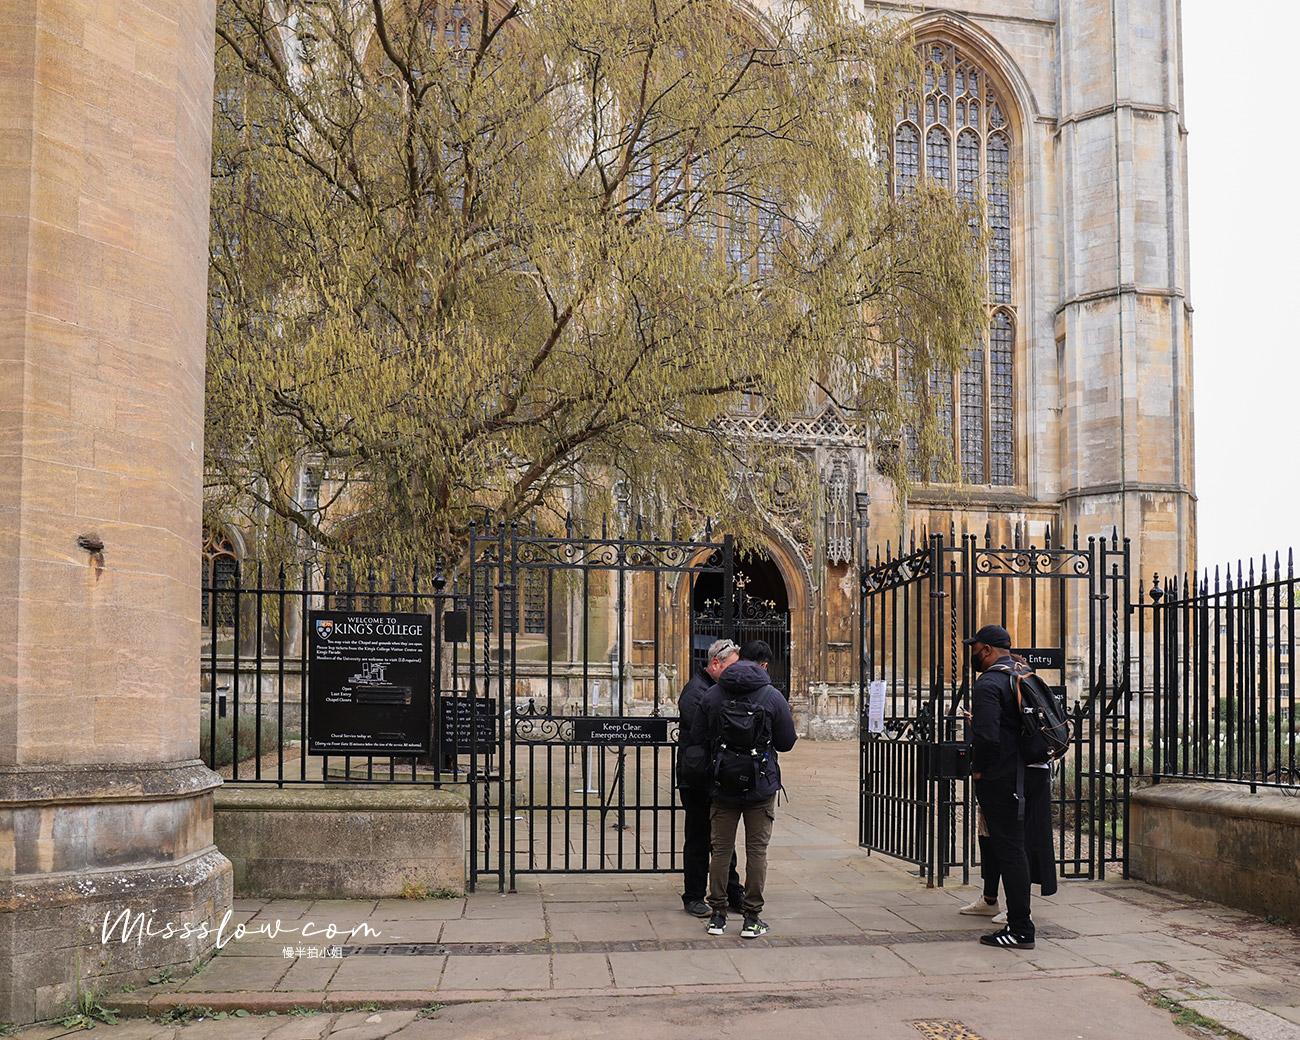 參觀國王學院禮拜堂和草地區的入口